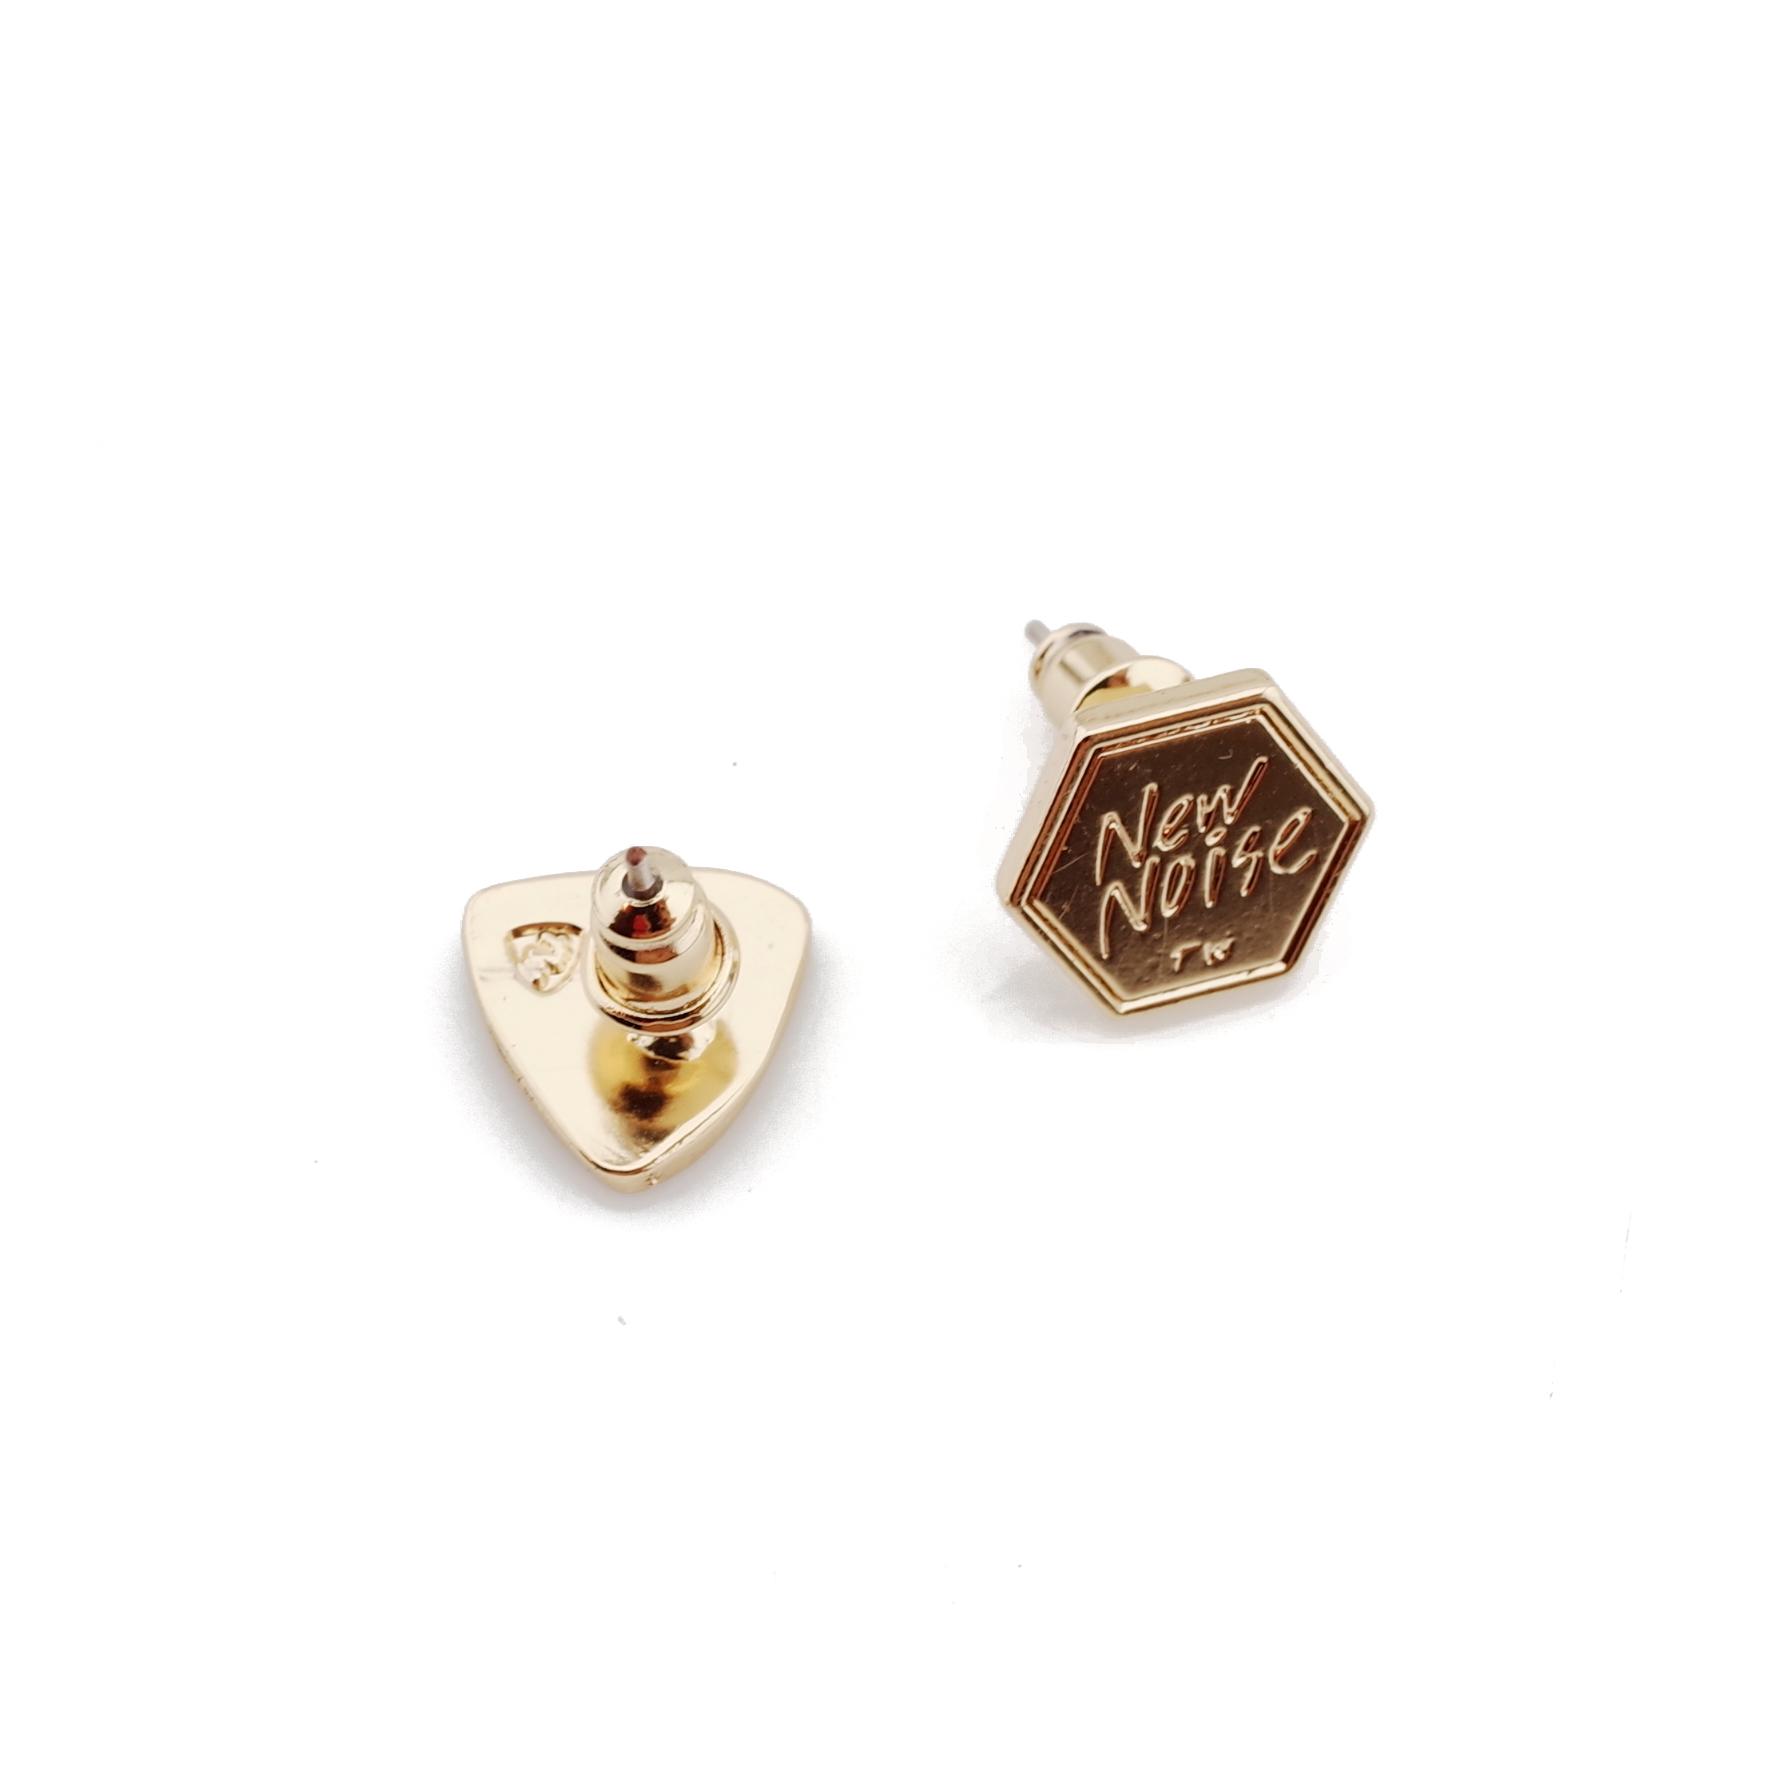 NEW NOISE 音樂飾品實驗所-簡單PICK耳針式耳環